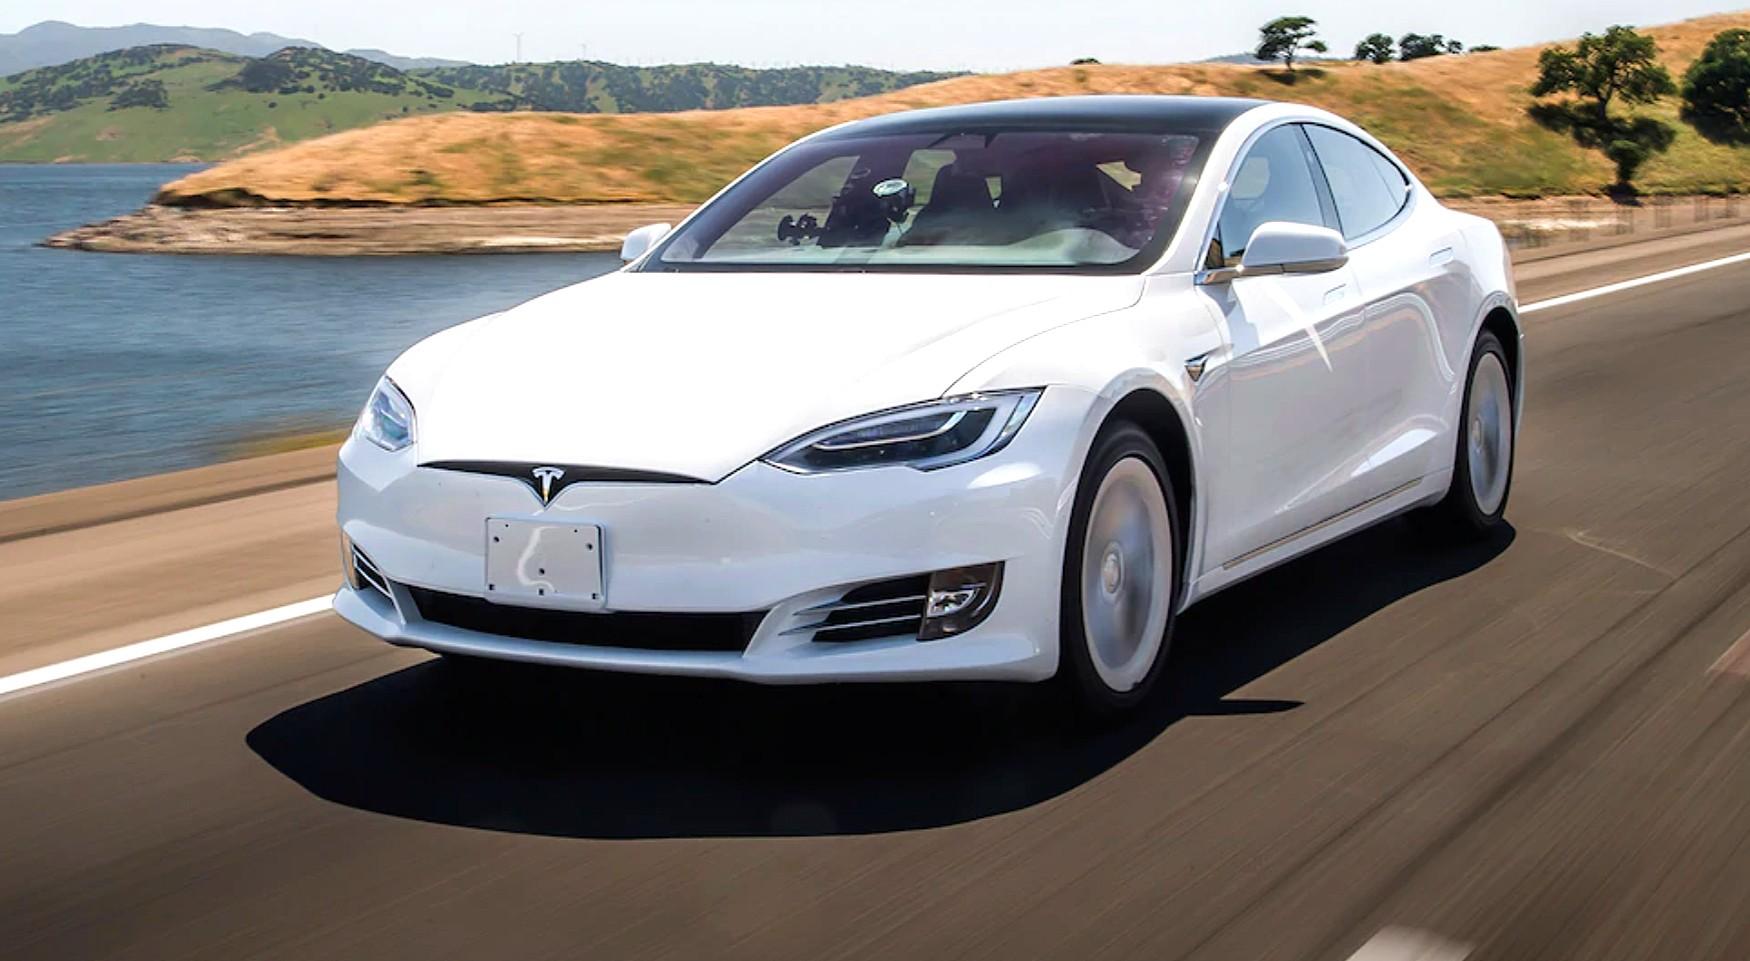 Tesla ha disabilitato da remoto la guida autonoma in una Model S acquistata usata